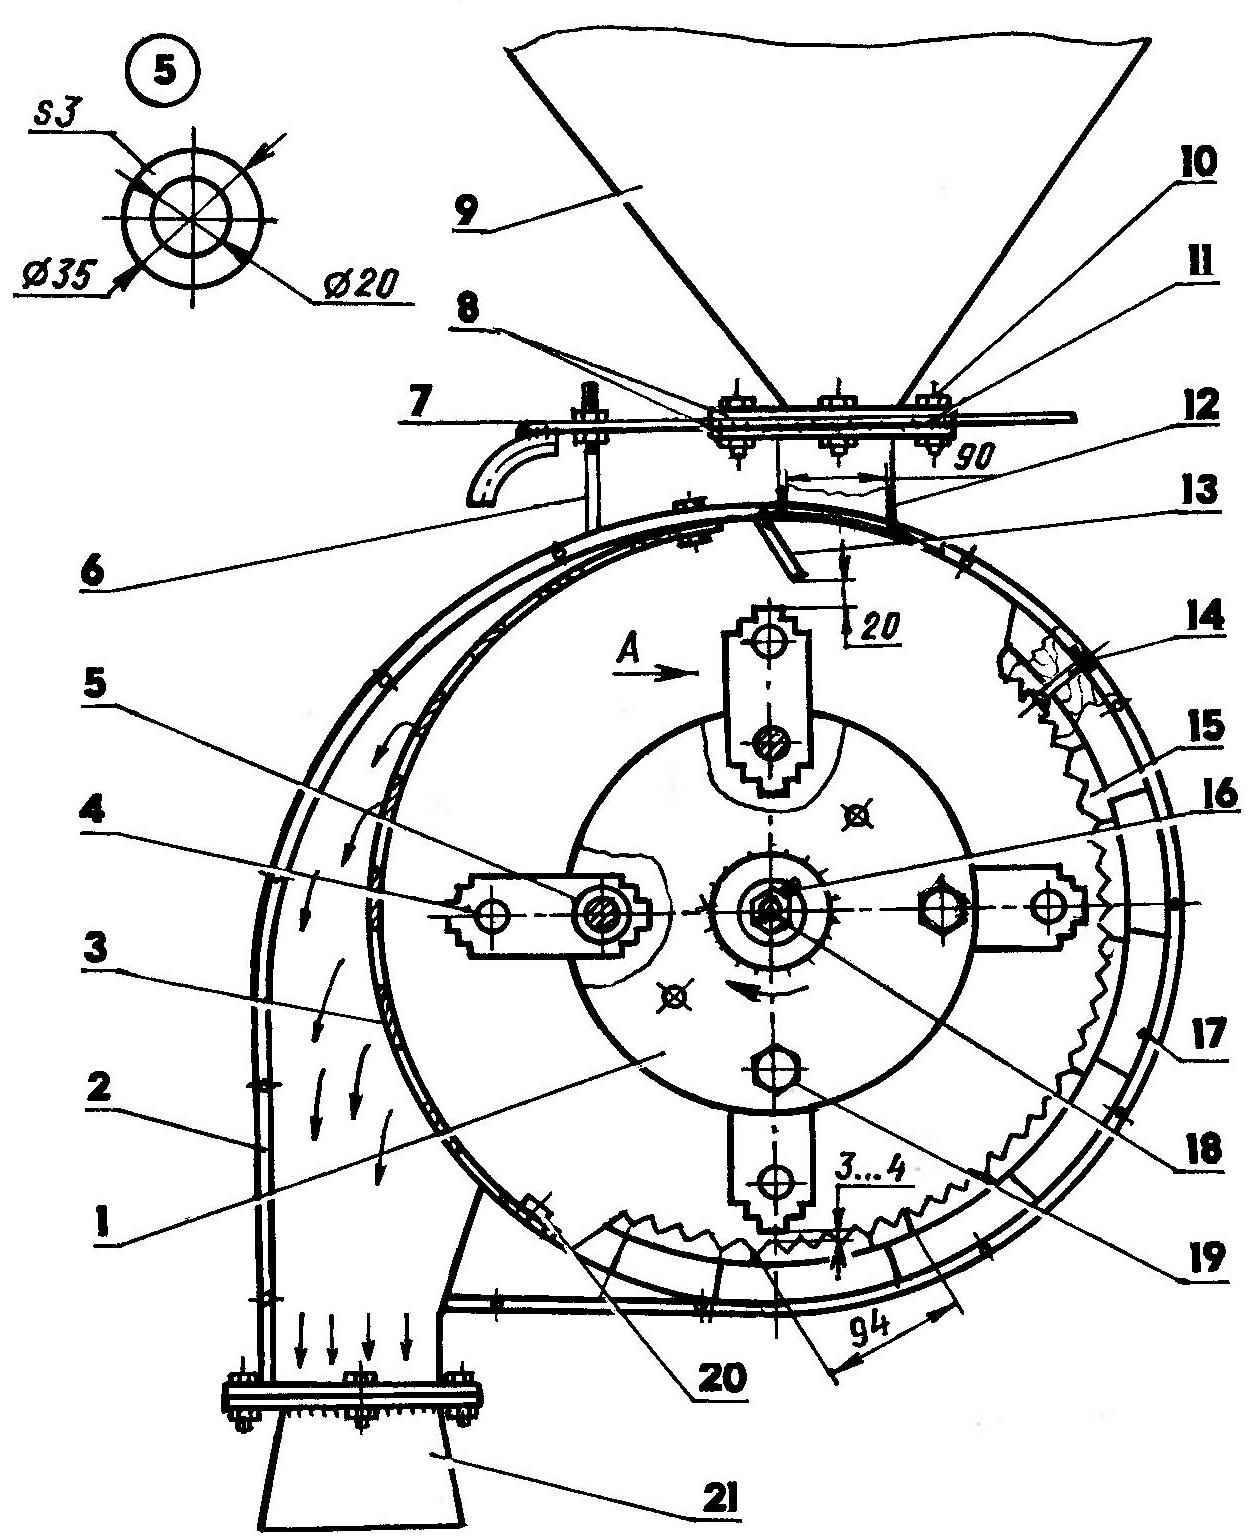 Зернодробилка своими руками: как сделать дробилку для зерна самому в домашних условиях из стиральной машины, самодельный доильный аппарат из пылесоса